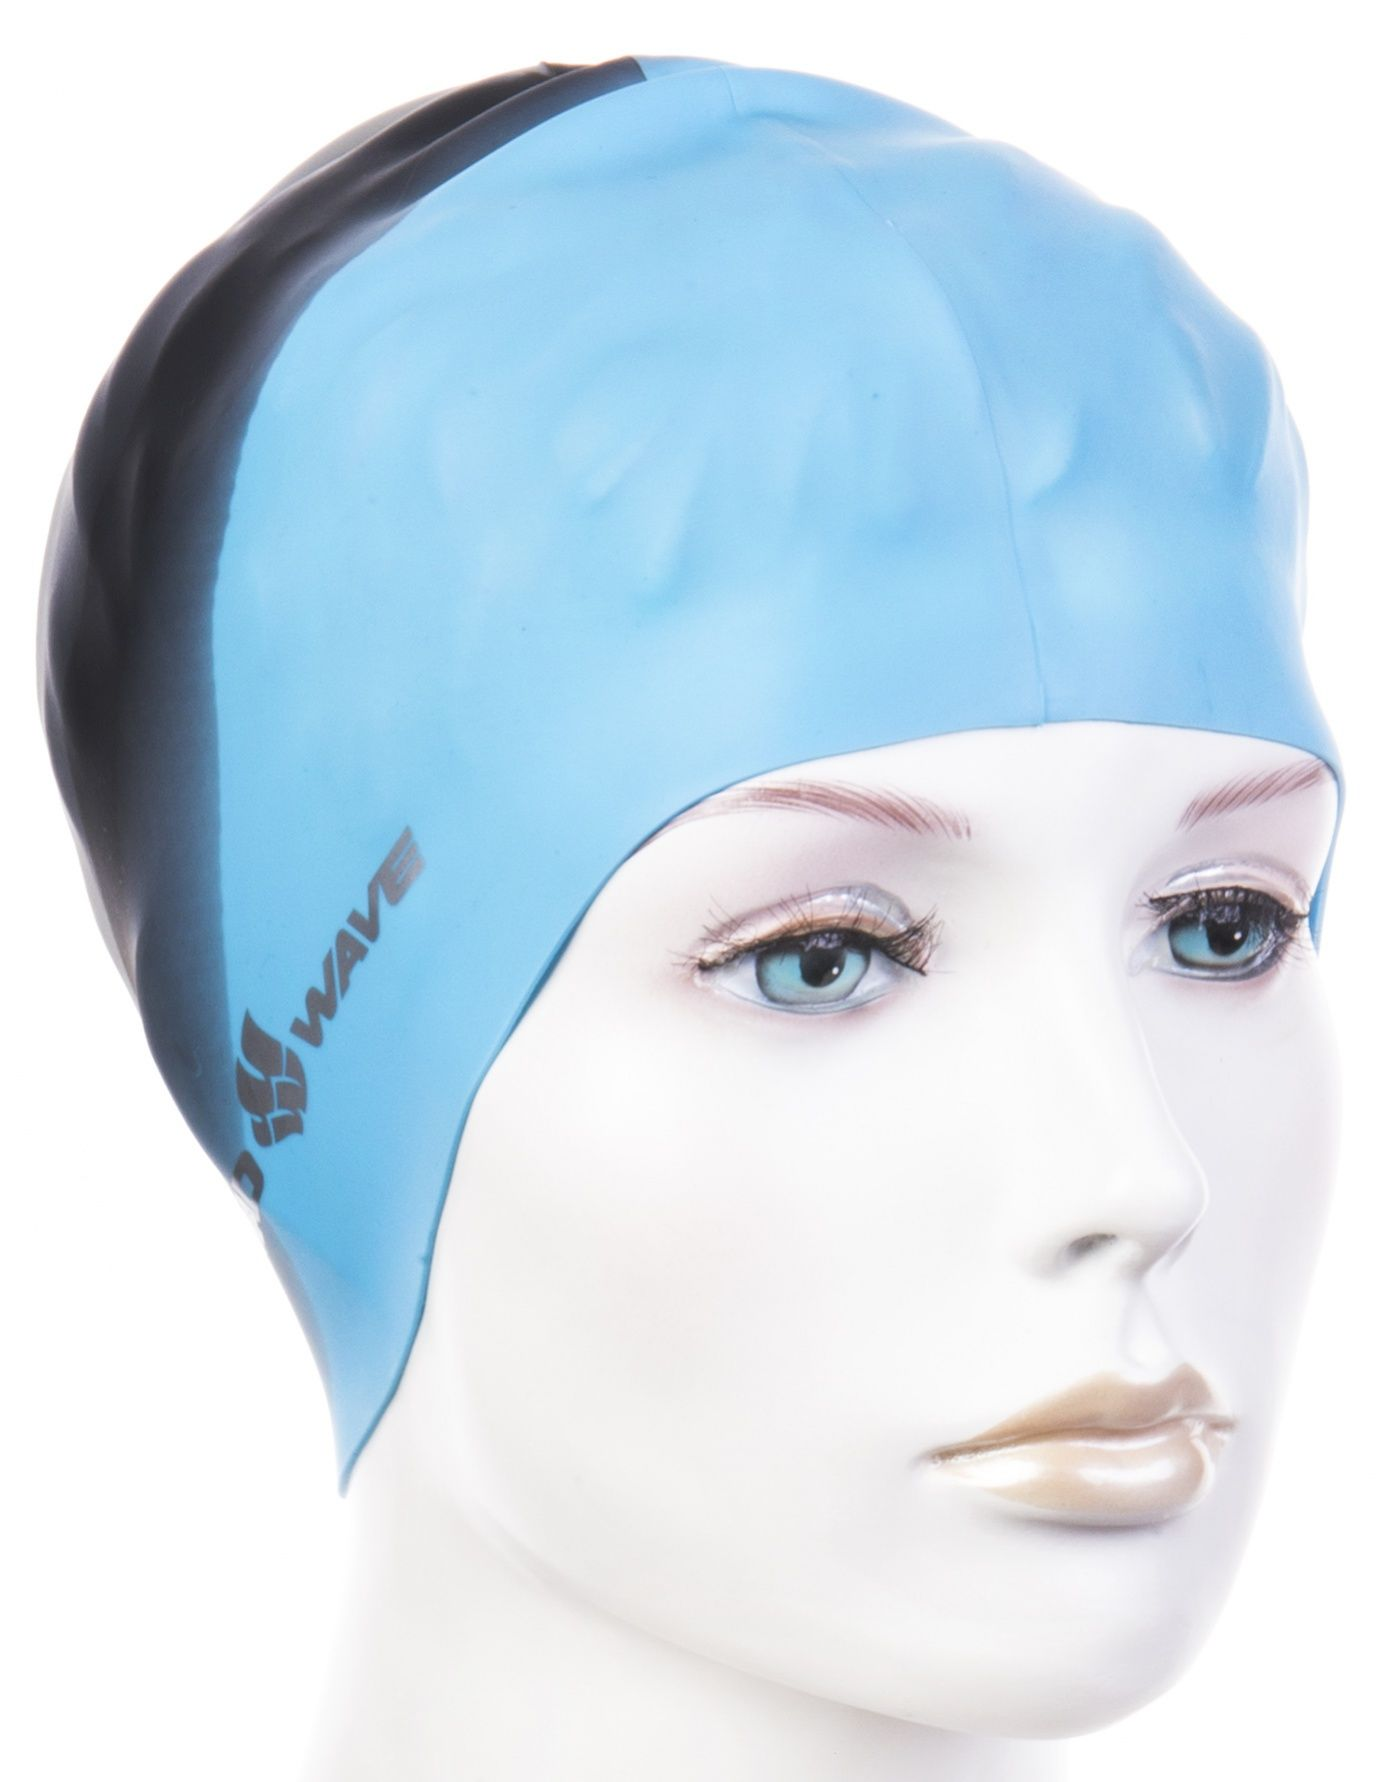 Czepek pływacki mad wave multi big silicone niebieski